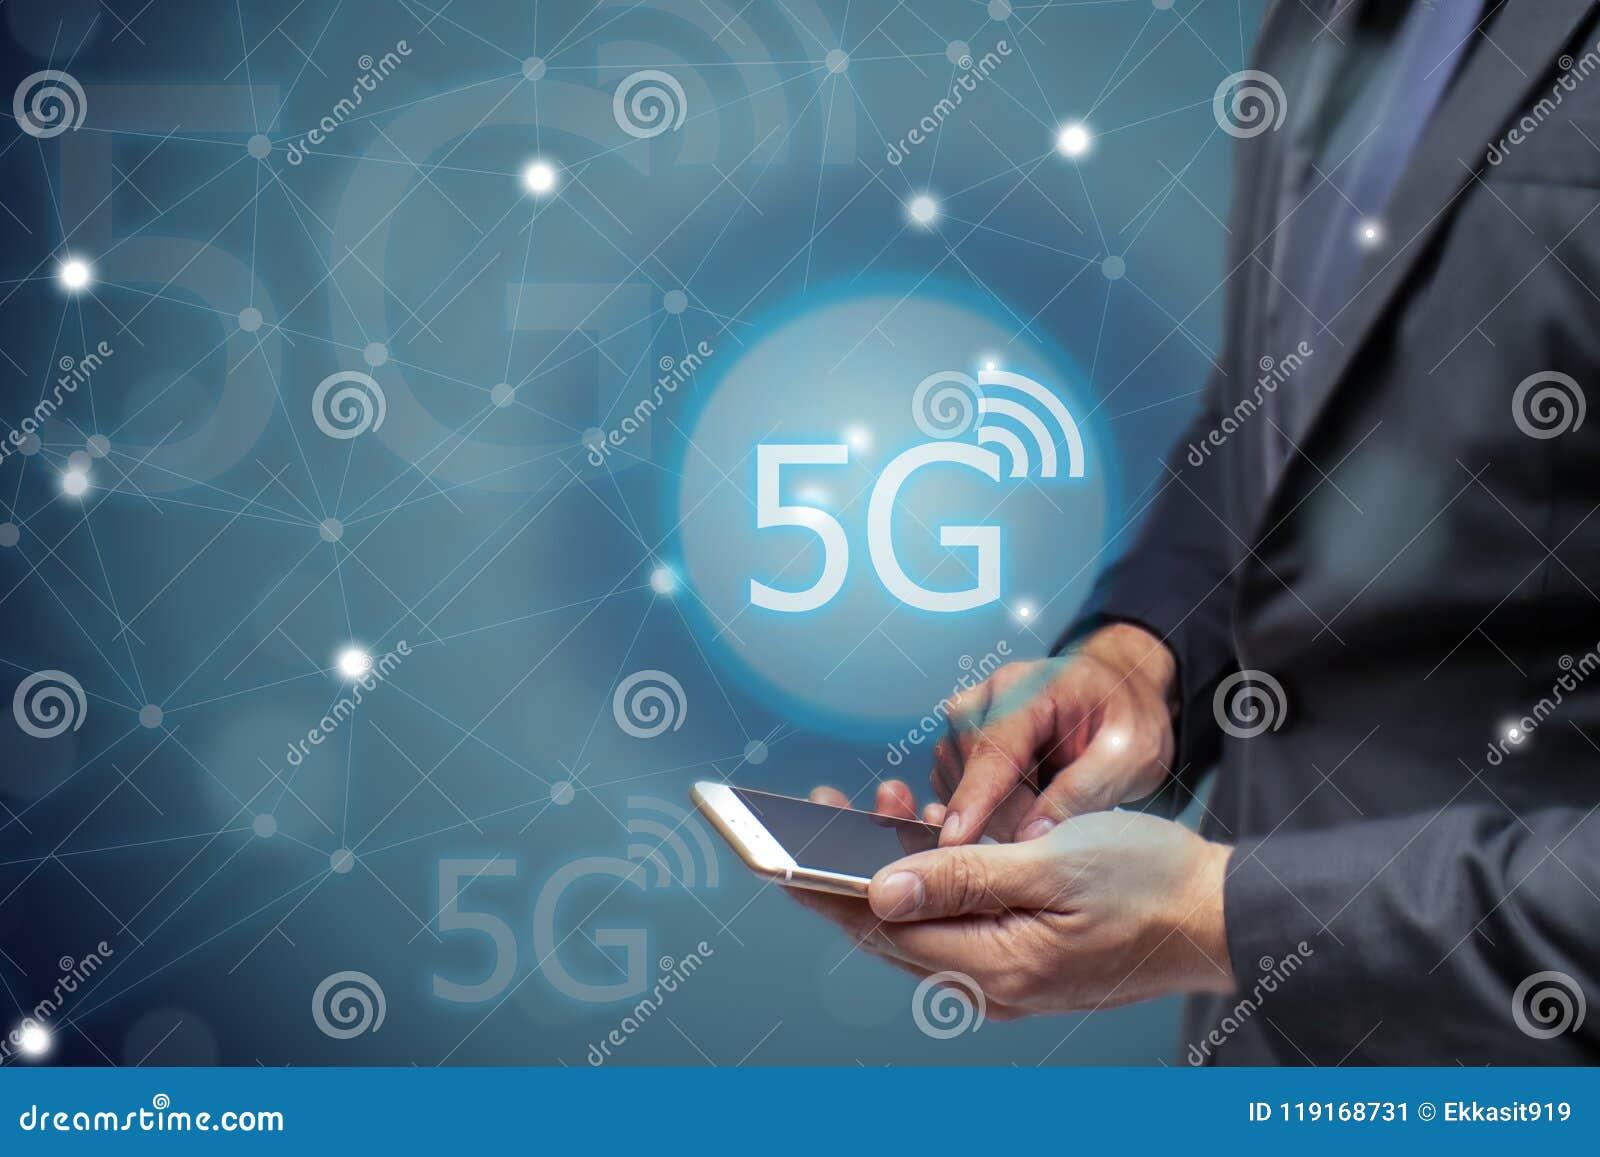 使用有5g网络无线技术的商人手机连接每通信,事iot互联网